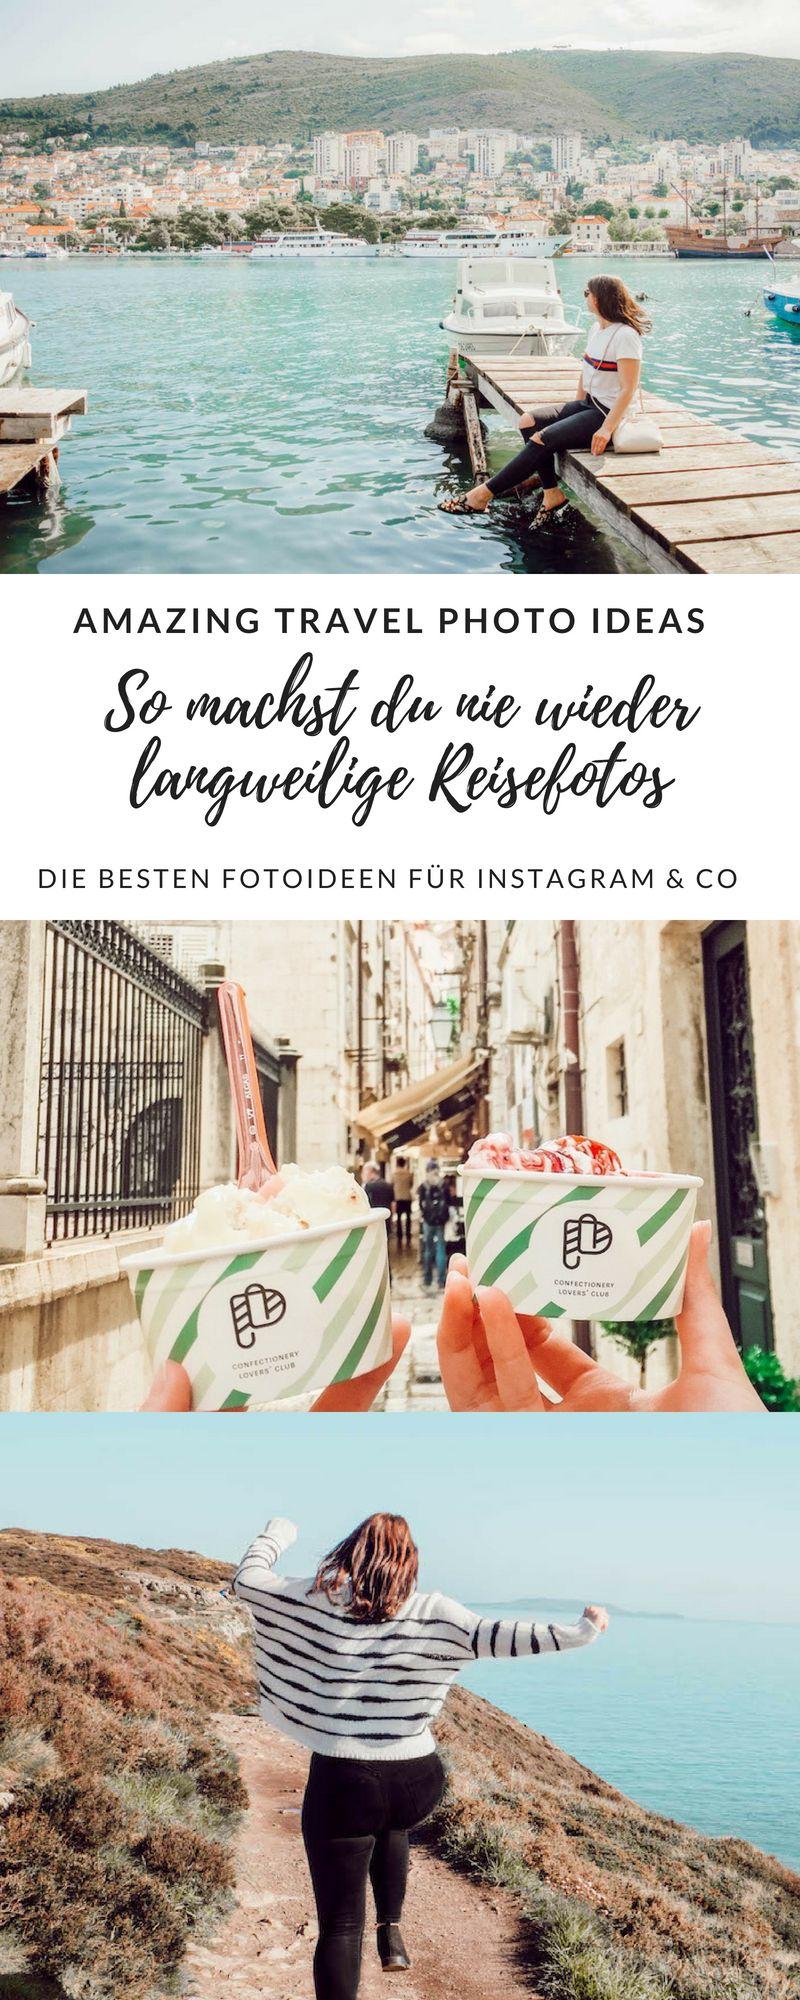 15 amazing travel photo ideas nie wieder langweilige reisefotos foto tipps travel photos - Fotoideen zum nachmachen ...